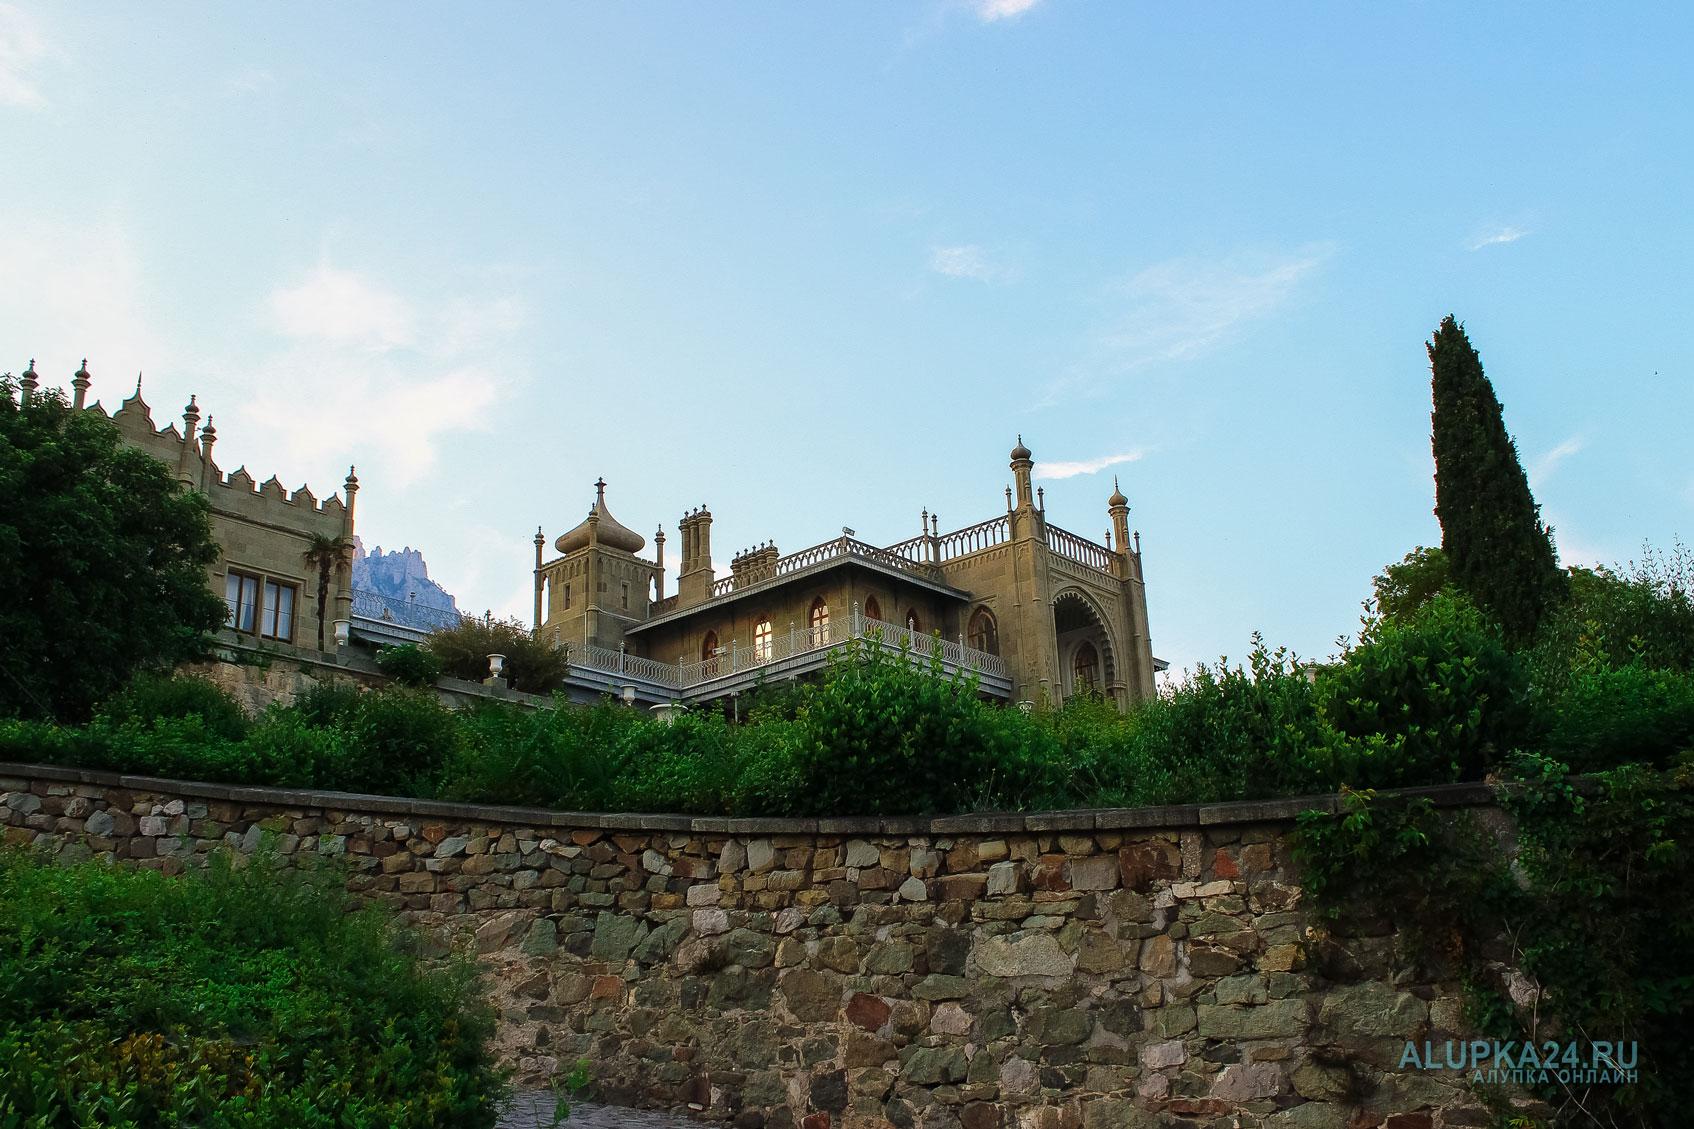 «8 чудес Алупки»: Воронцовский дворец 2 и Погода в Алупке 20 июля